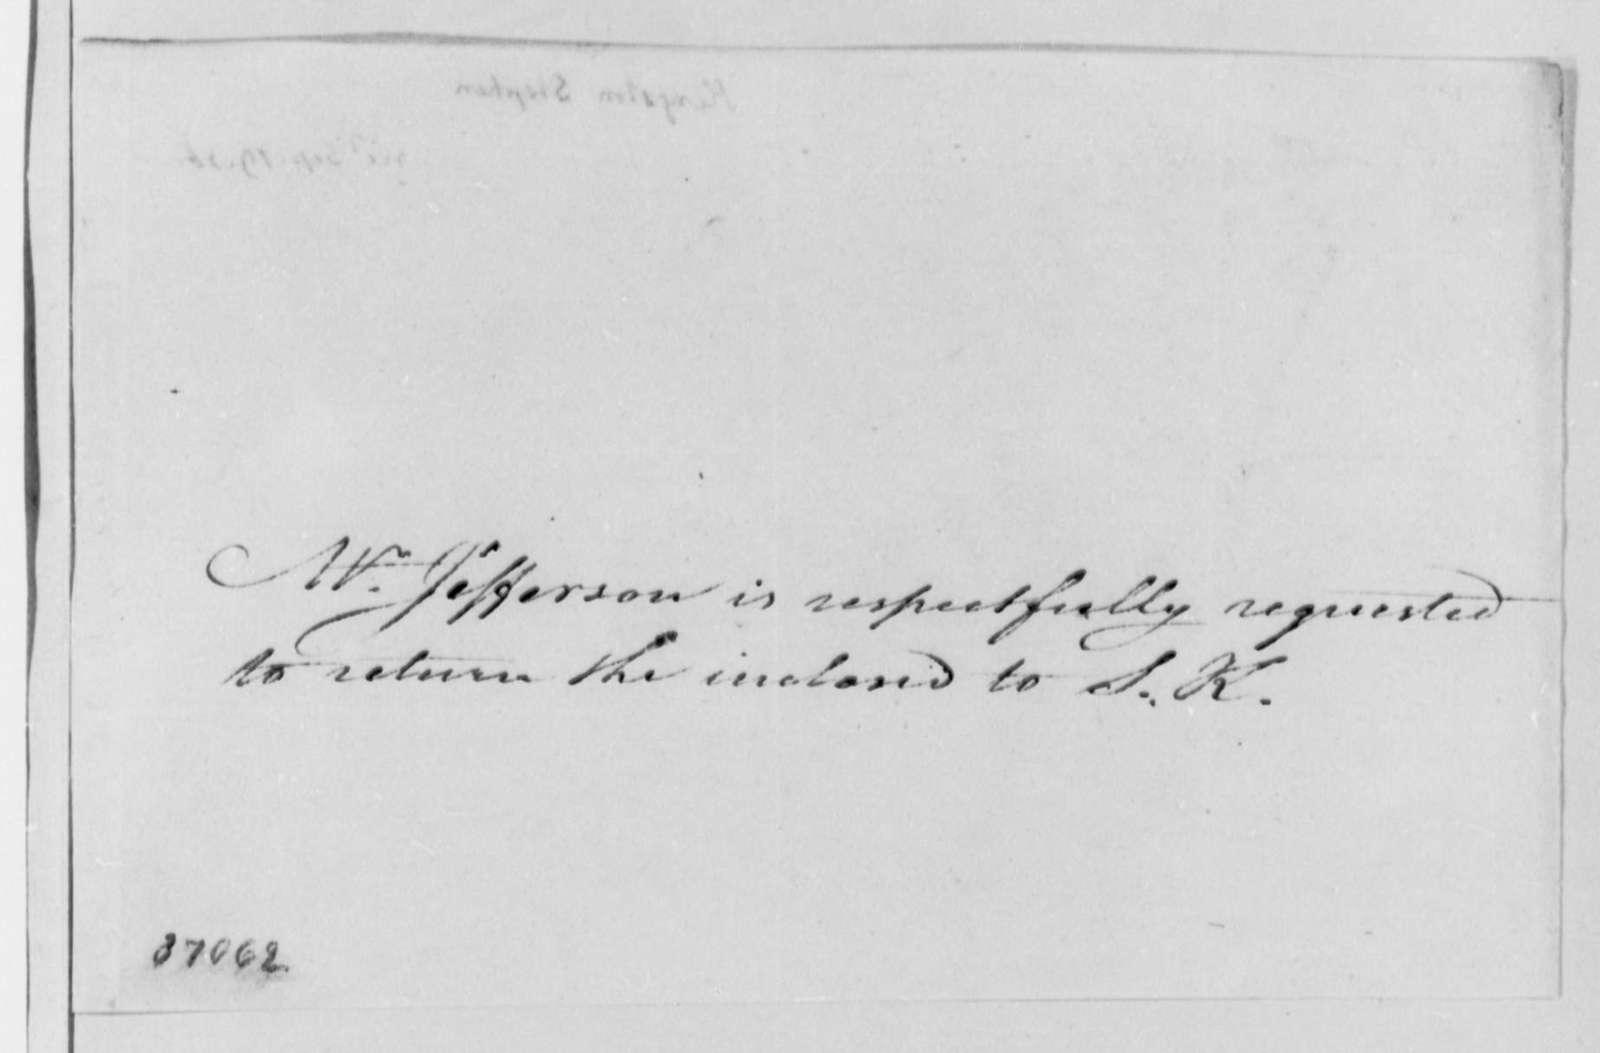 Stephen Kingston to Thomas Jefferson, September 12, 1816